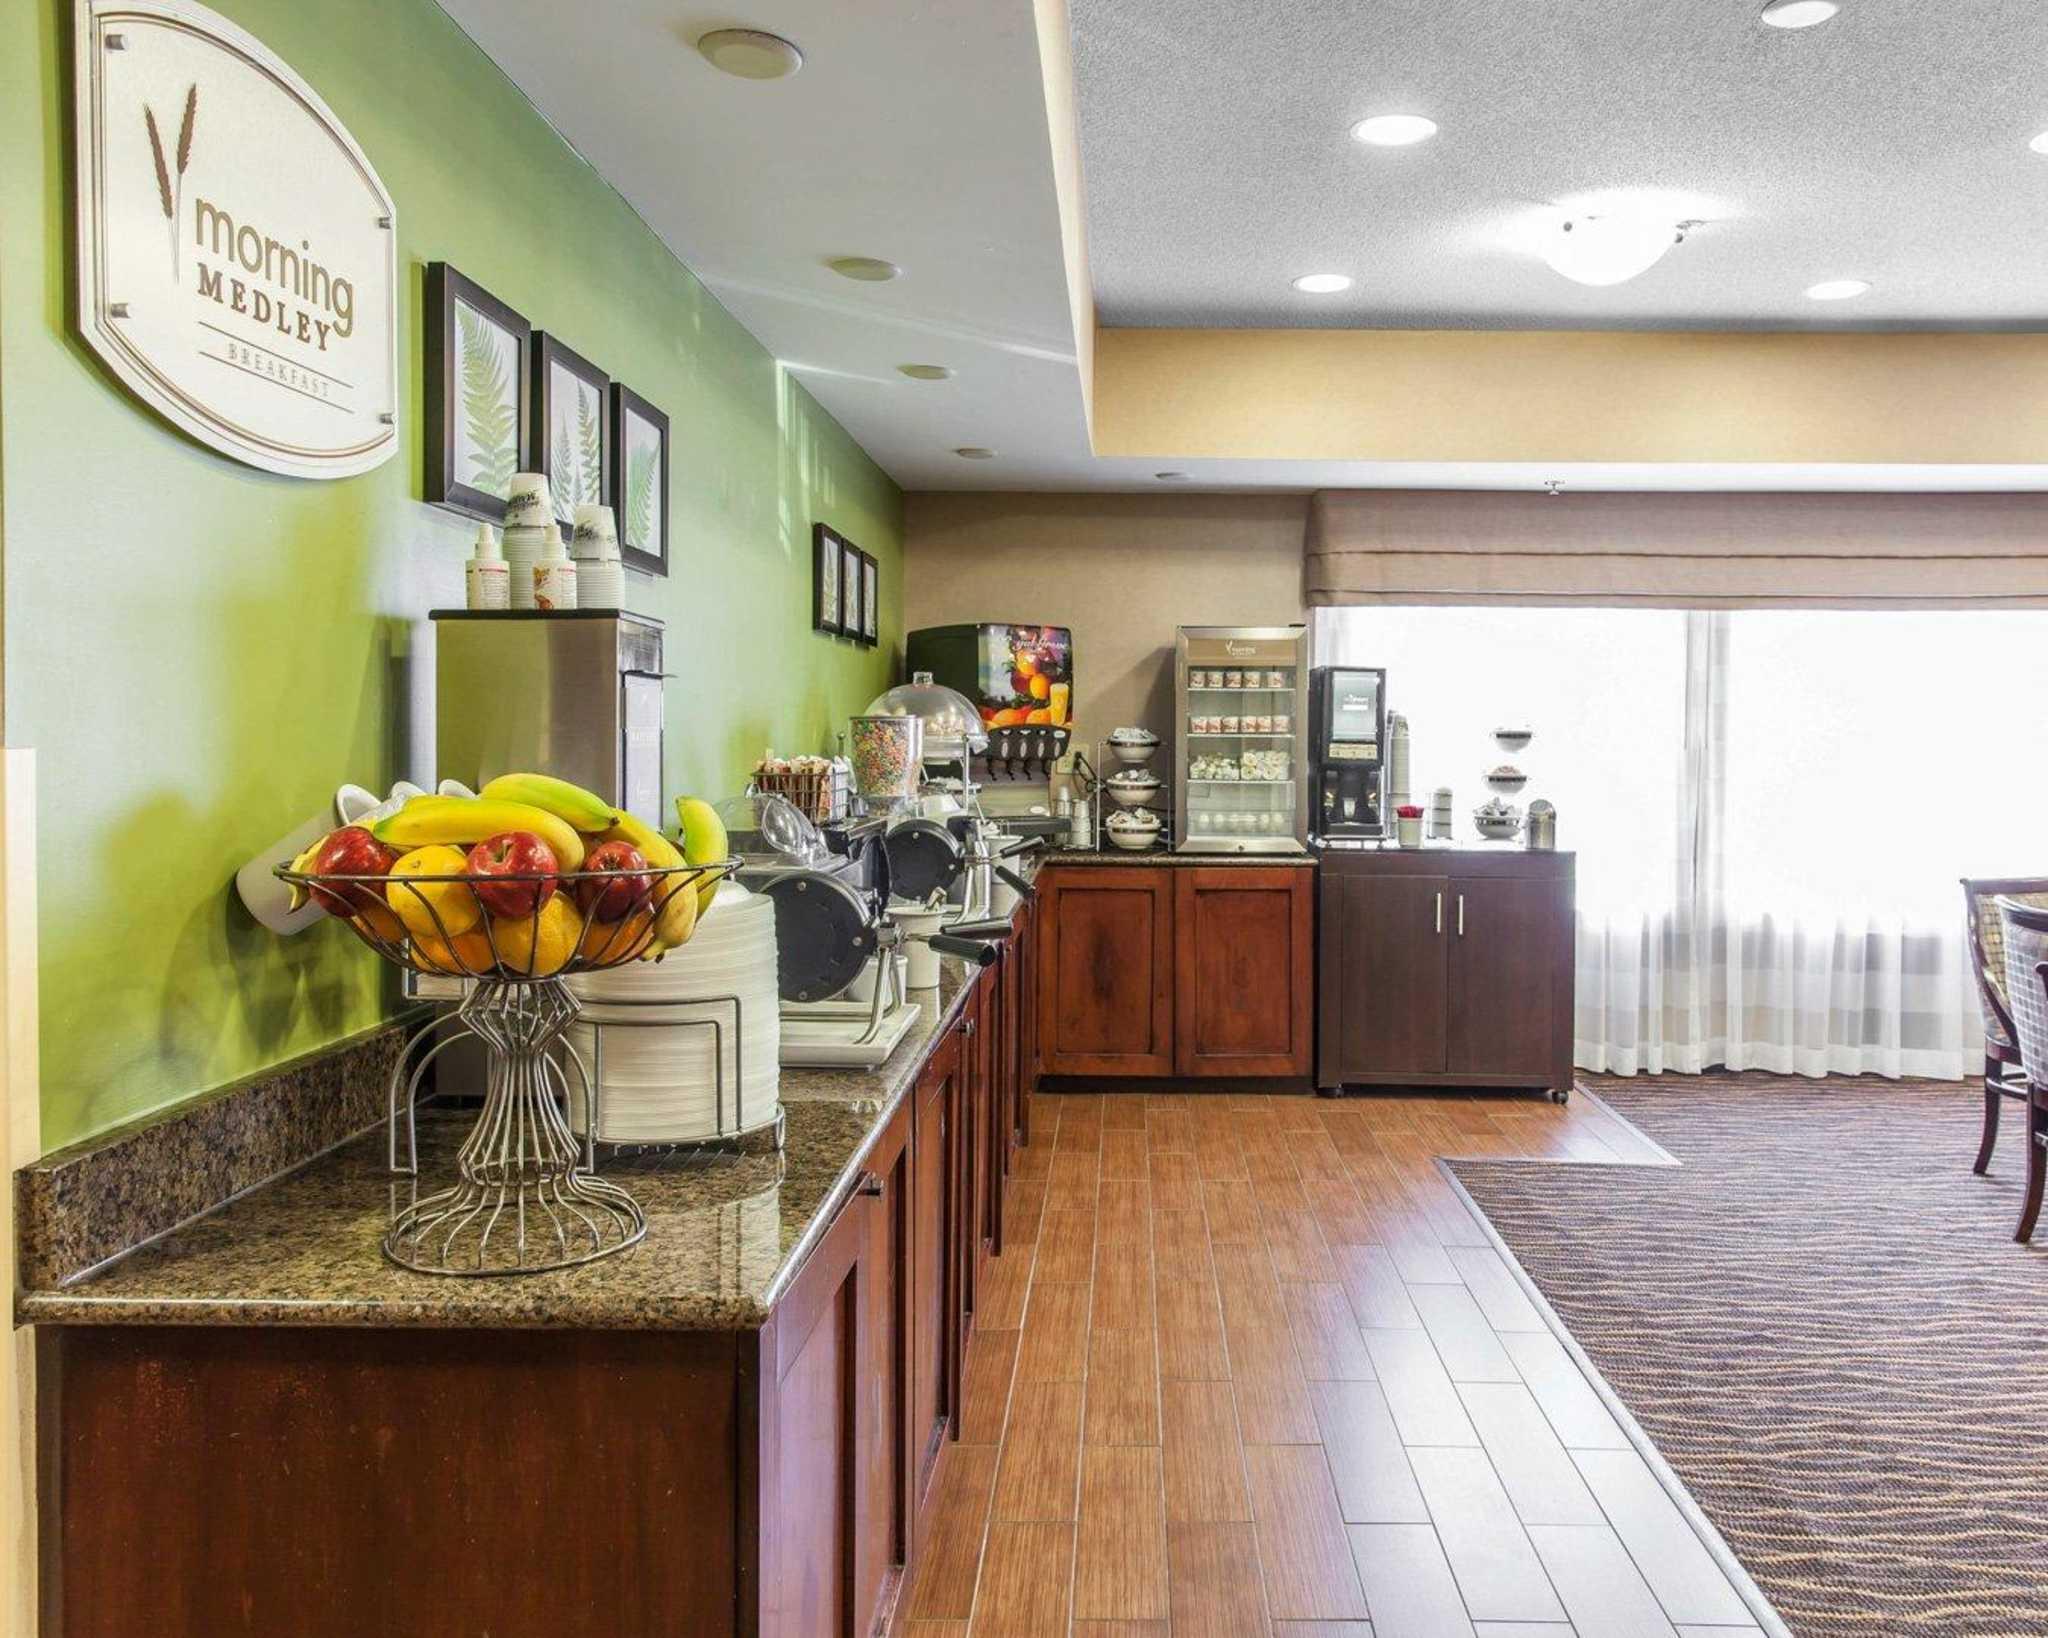 Sleep Inn & Suites Upper Marlboro near Andrews AFB image 21